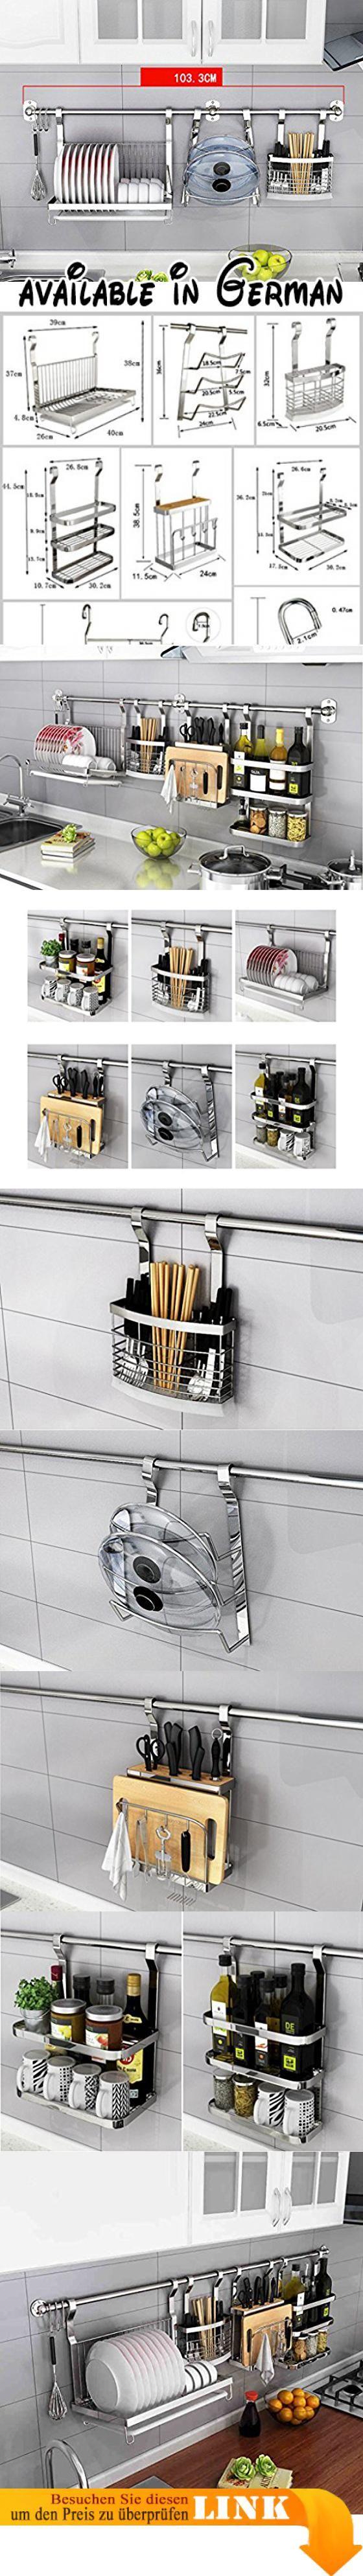 Ziemlich Wandküchenregale Zeitgenössisch - Küchenschrank Ideen ...